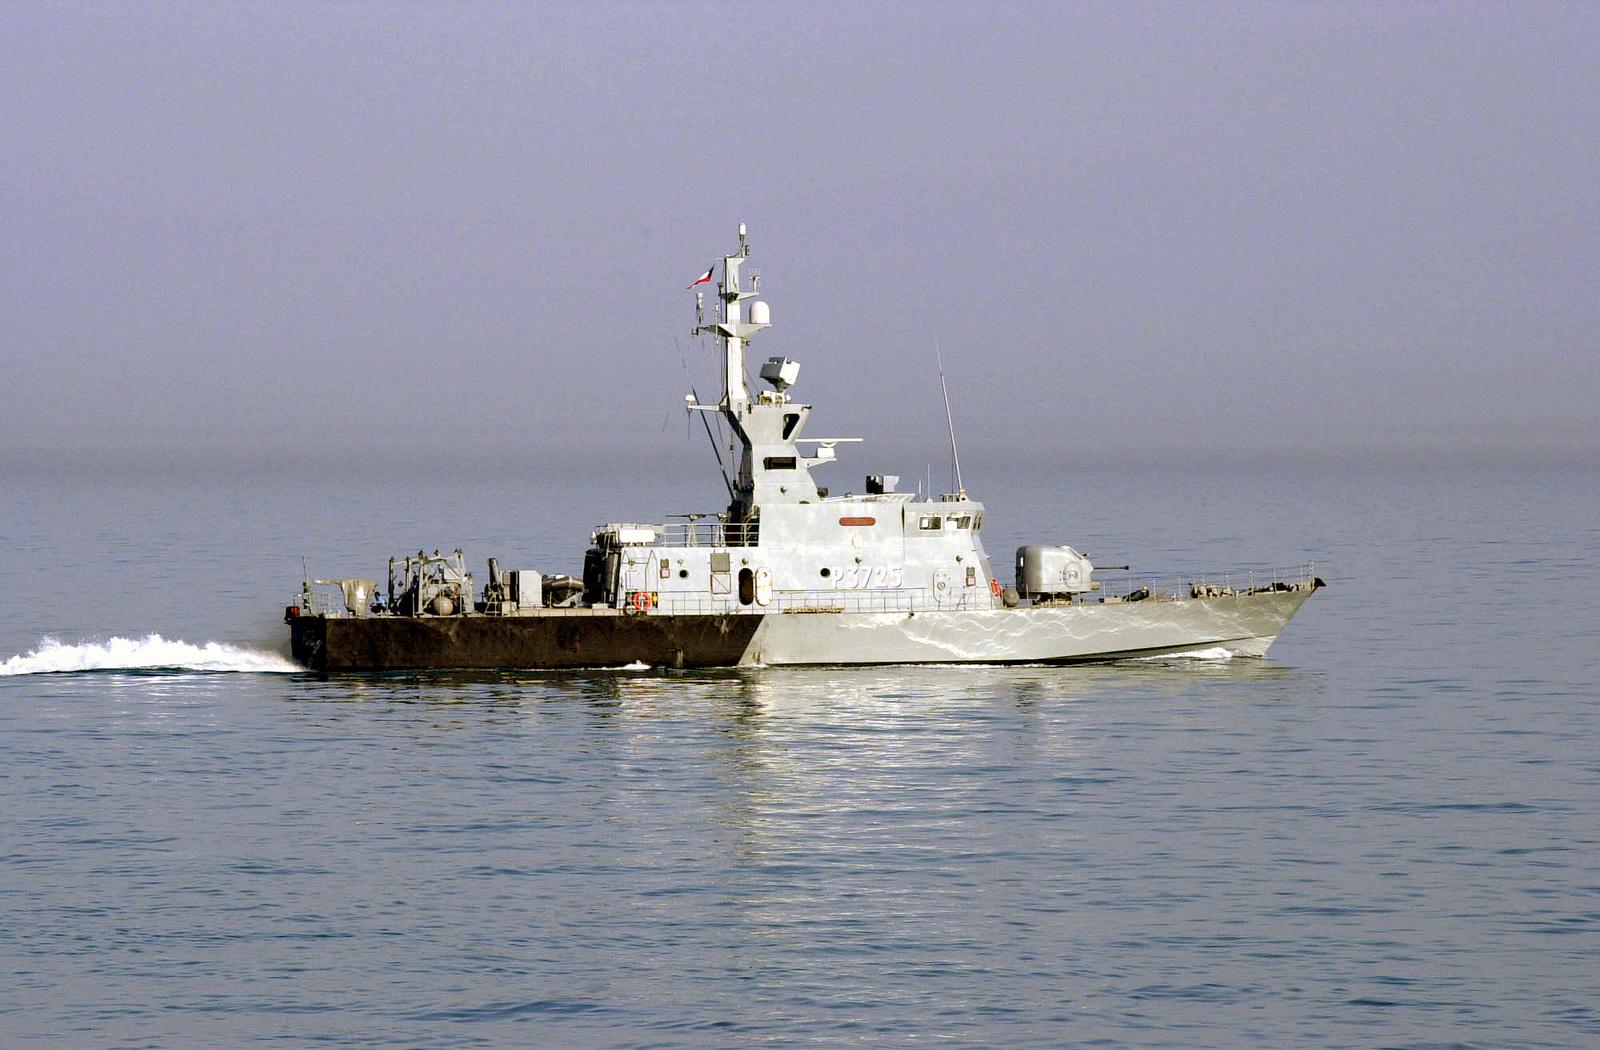 the-kuwaiti-navy-um-almaradim-class-fast